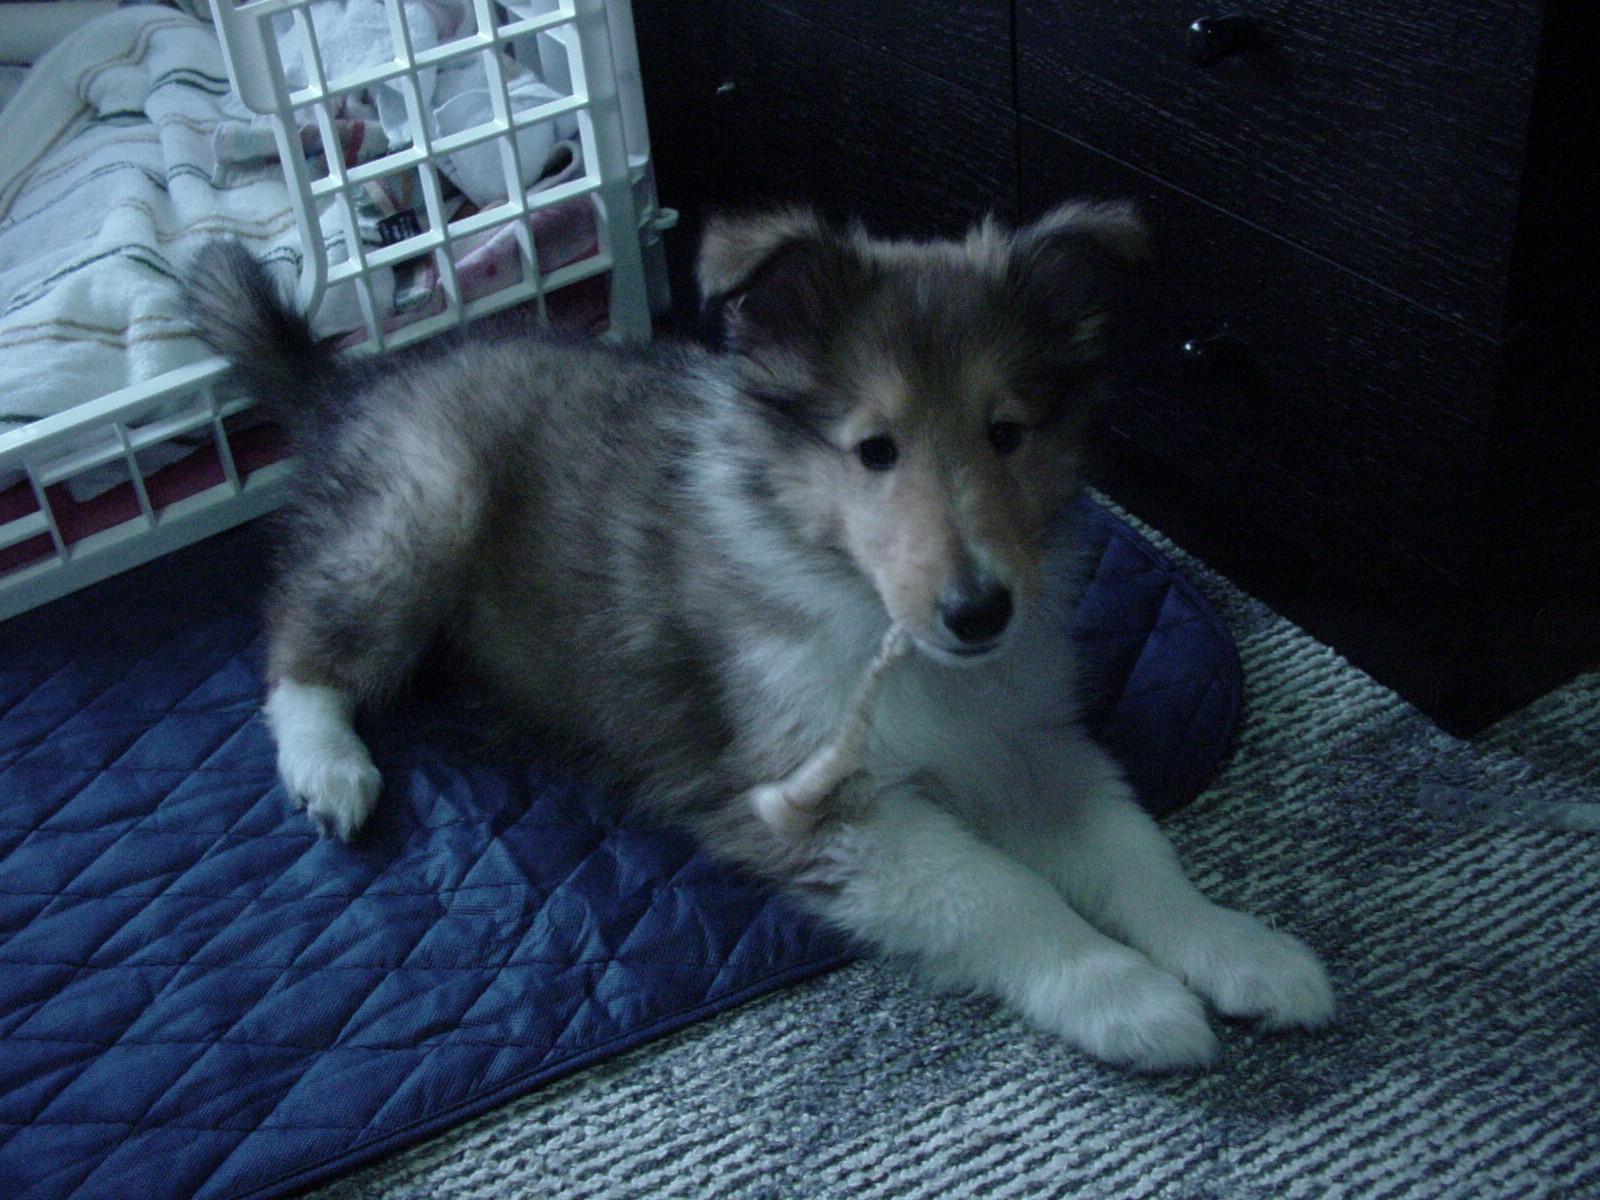 http://www.lucky-dog.jp/weblog/image/DSC00020.JPG